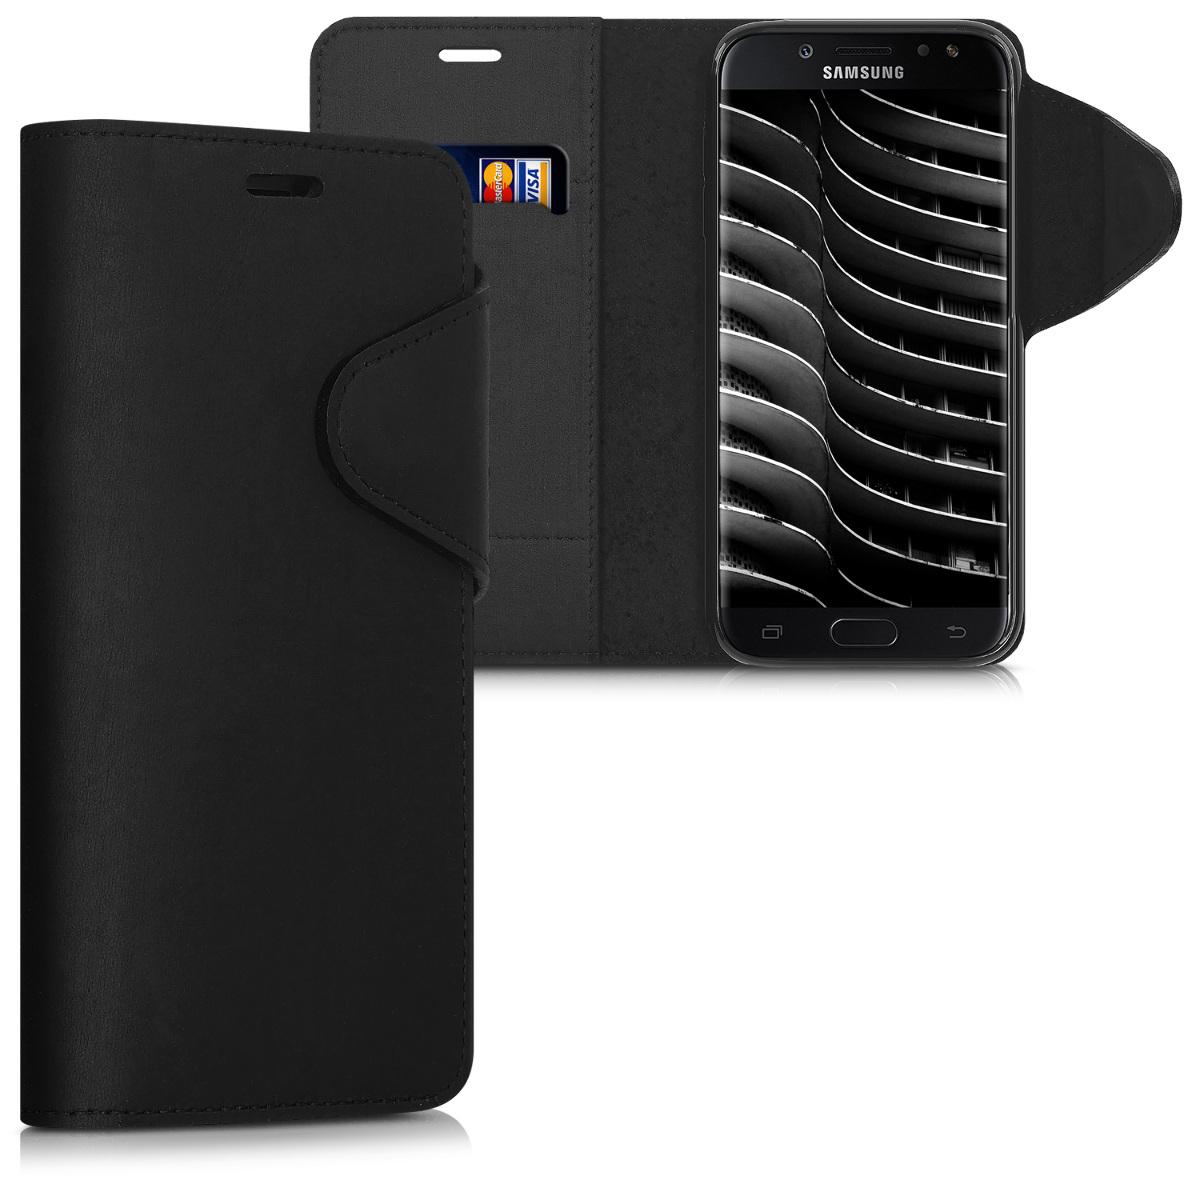 Kalibri Δερμάτινη Suede Θήκη - Πορτοφόλι Samsung Galaxy J5 (2017) DUOS - Black (41146.01)